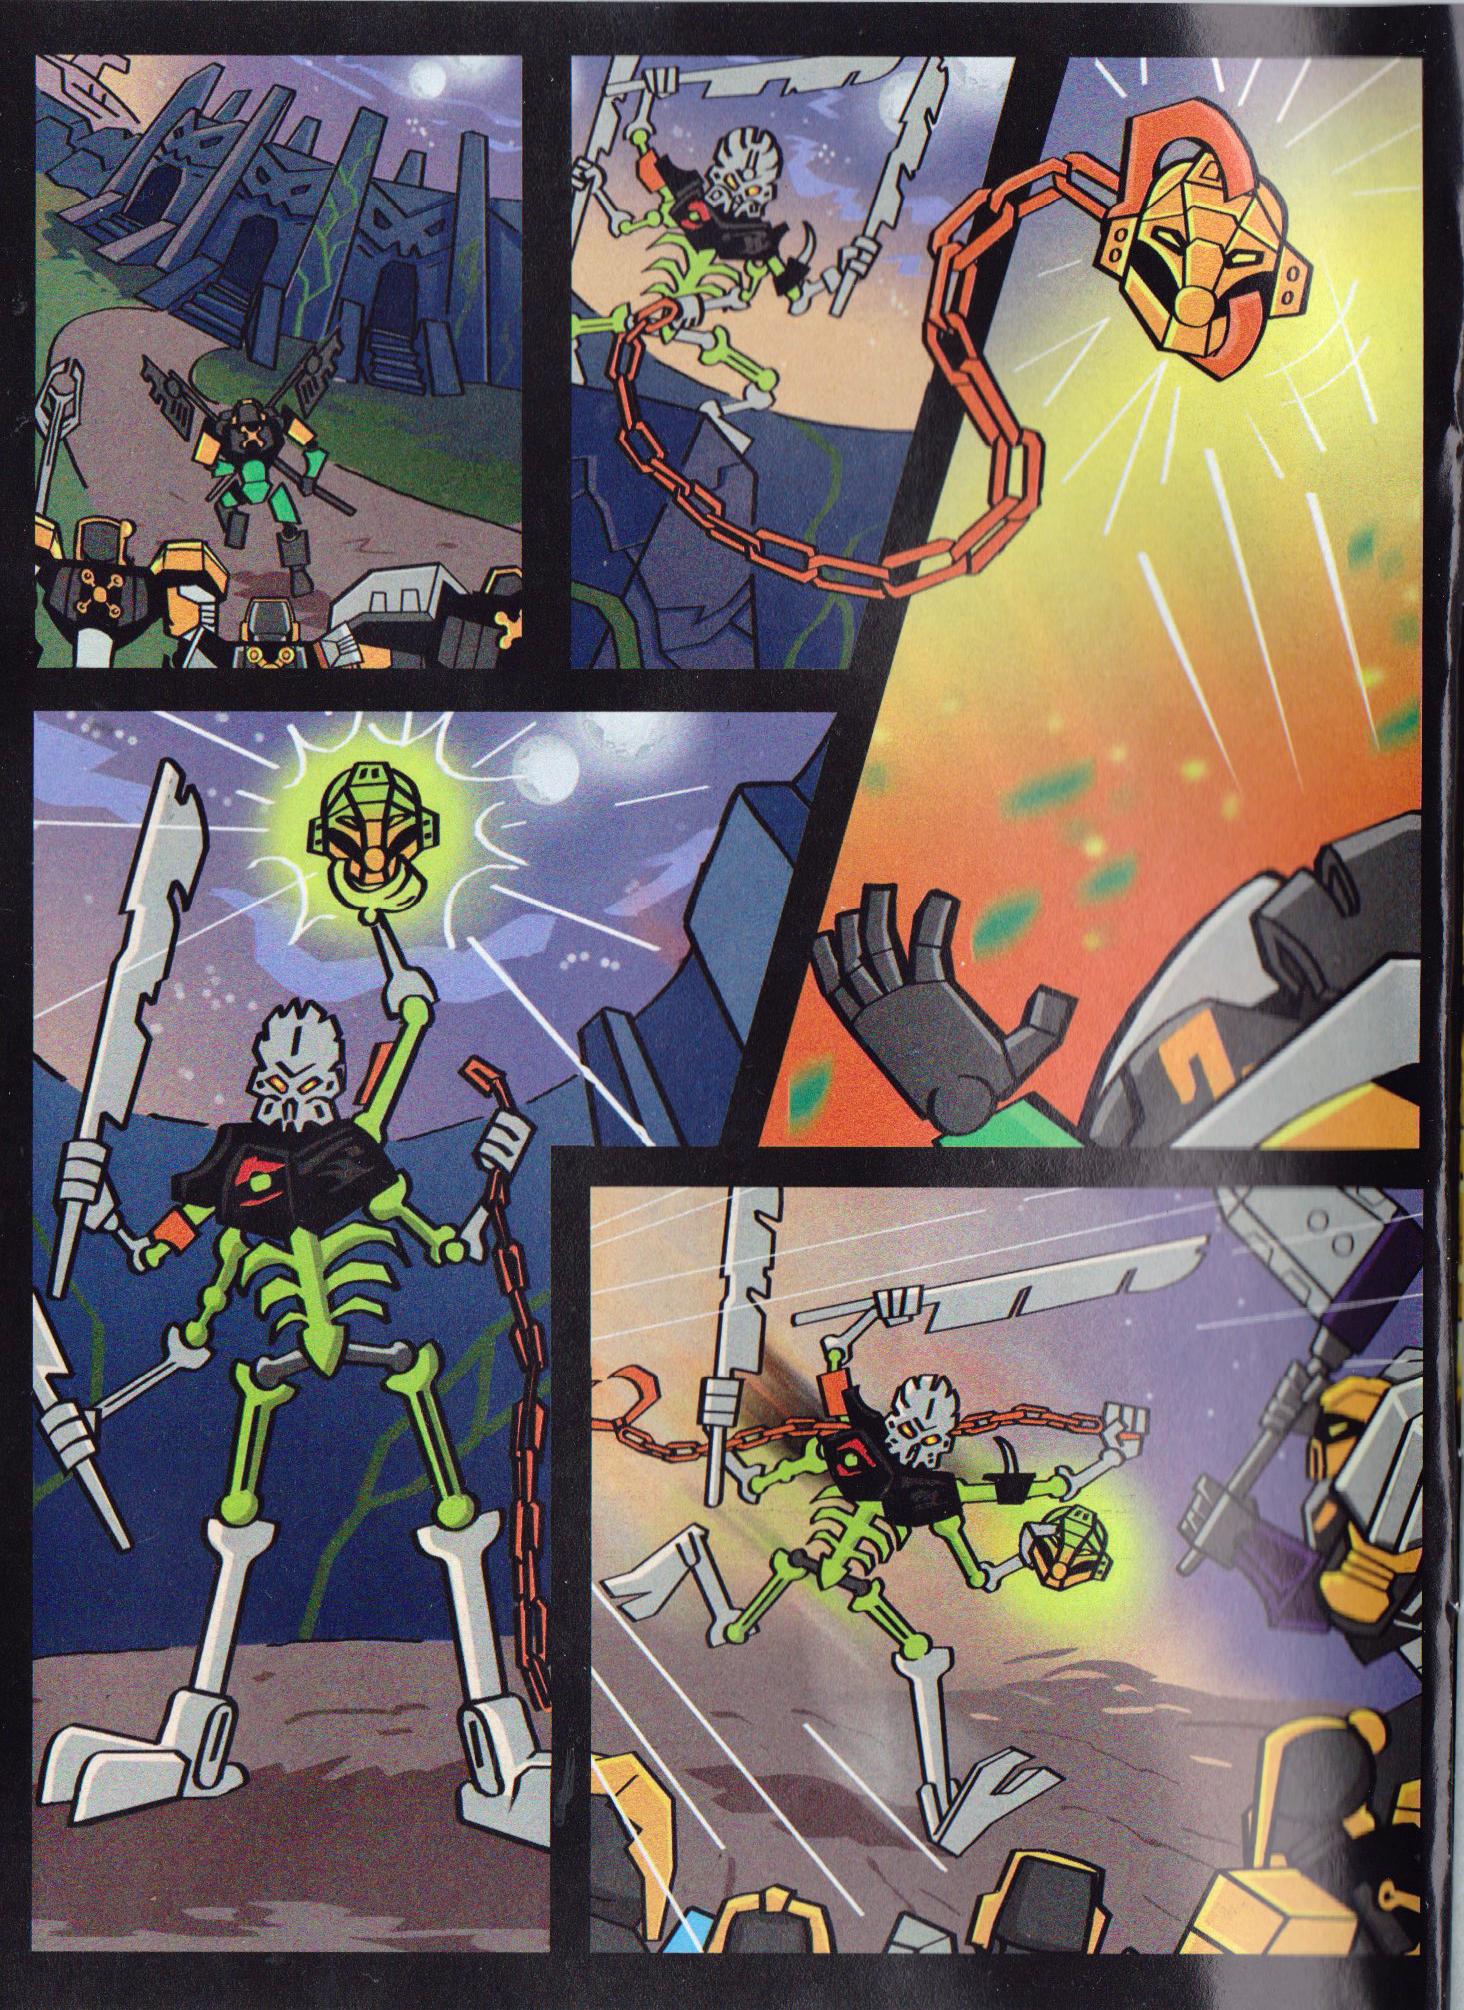 [Produits] Récapitulatif des ensembles de l'été - Page 3 Bionicle_70792_comic